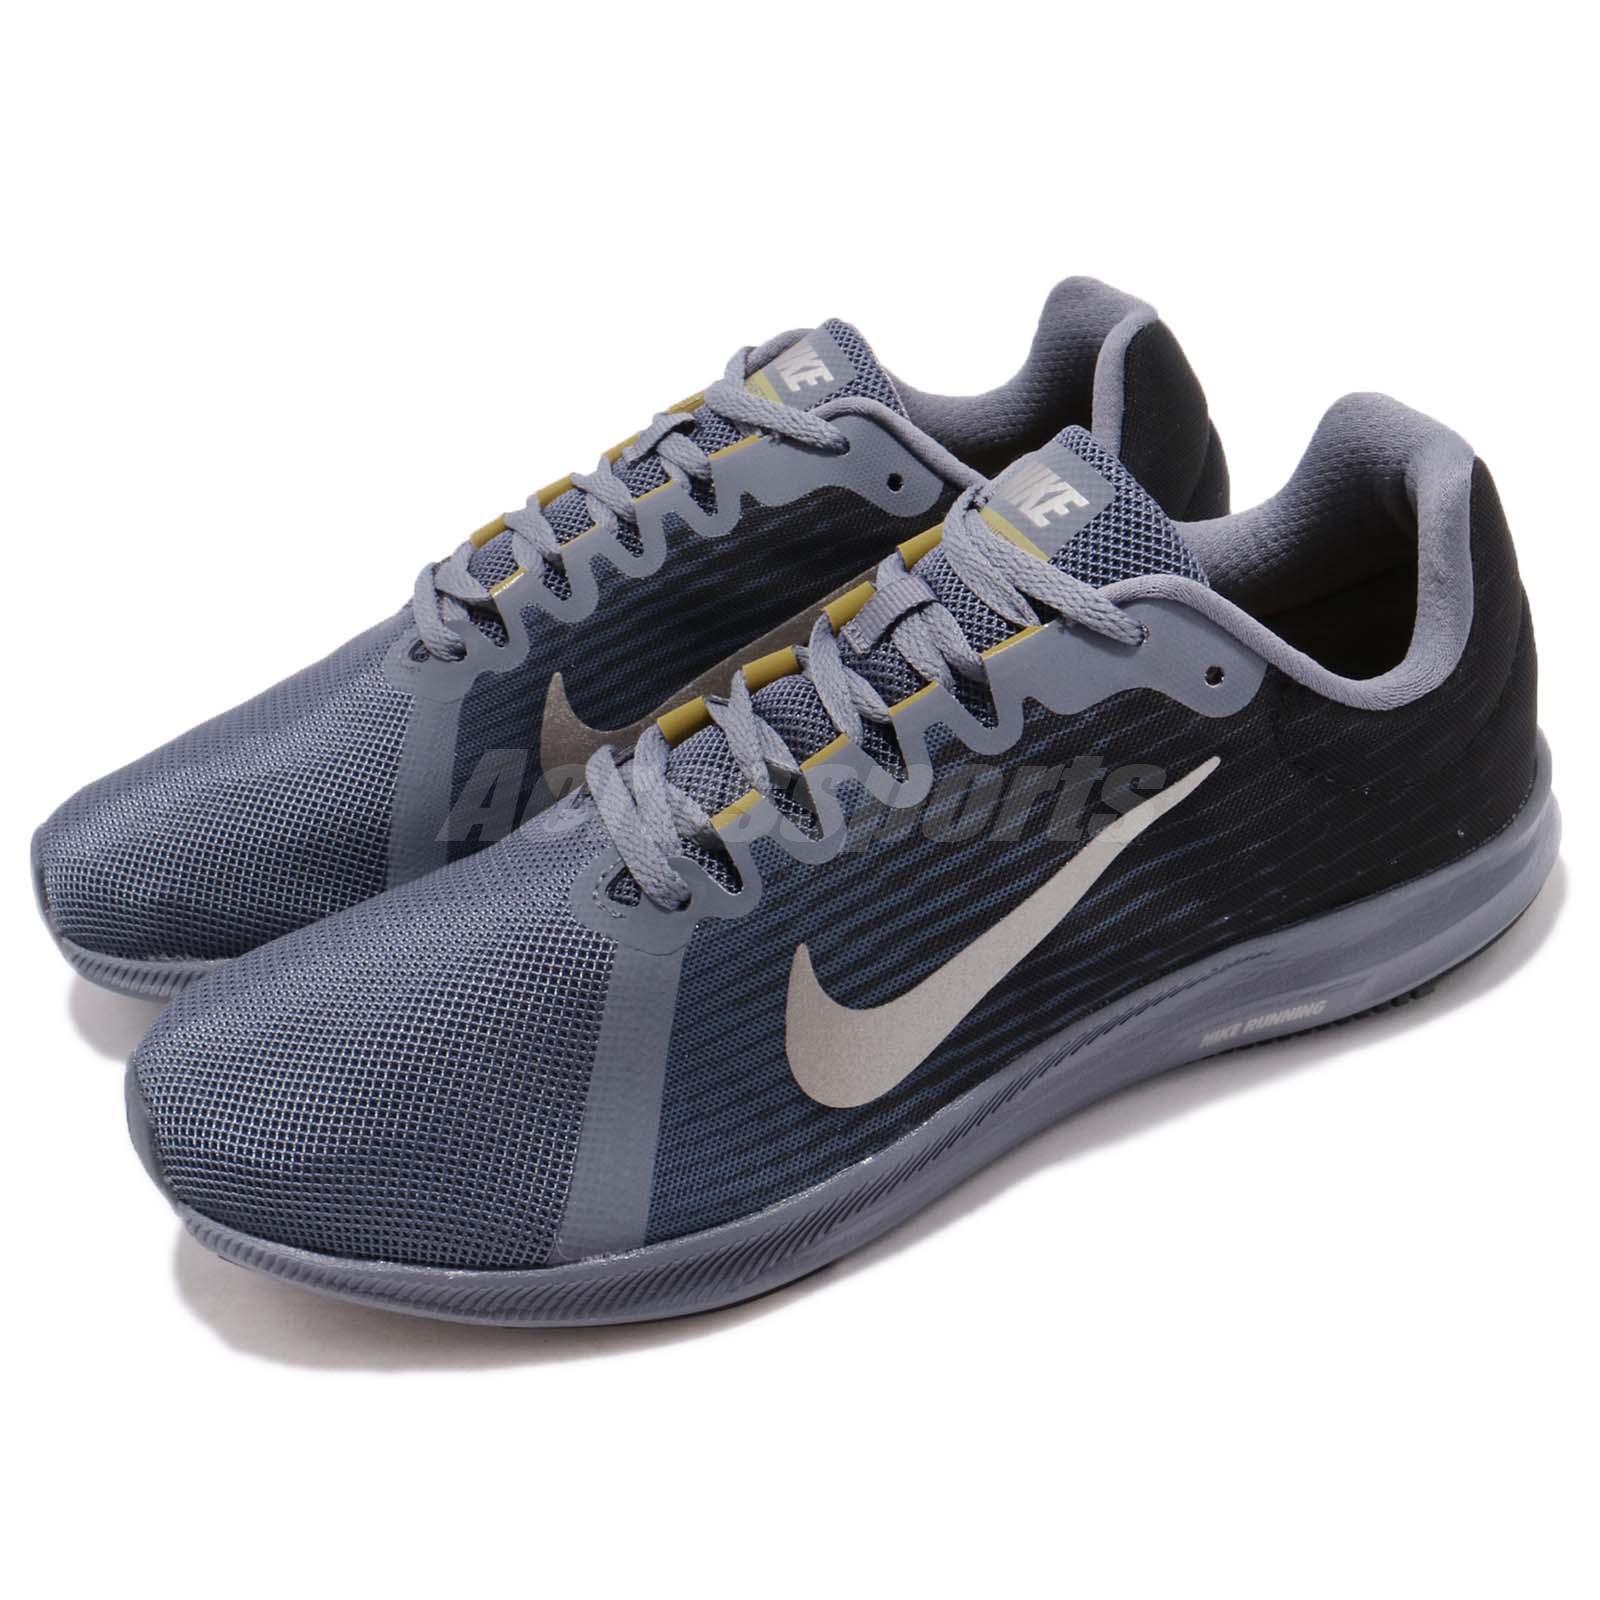 Nike downshifter 8 viii leichtes carbon - blauen männer laufschuhe turnschuhe 908984-011